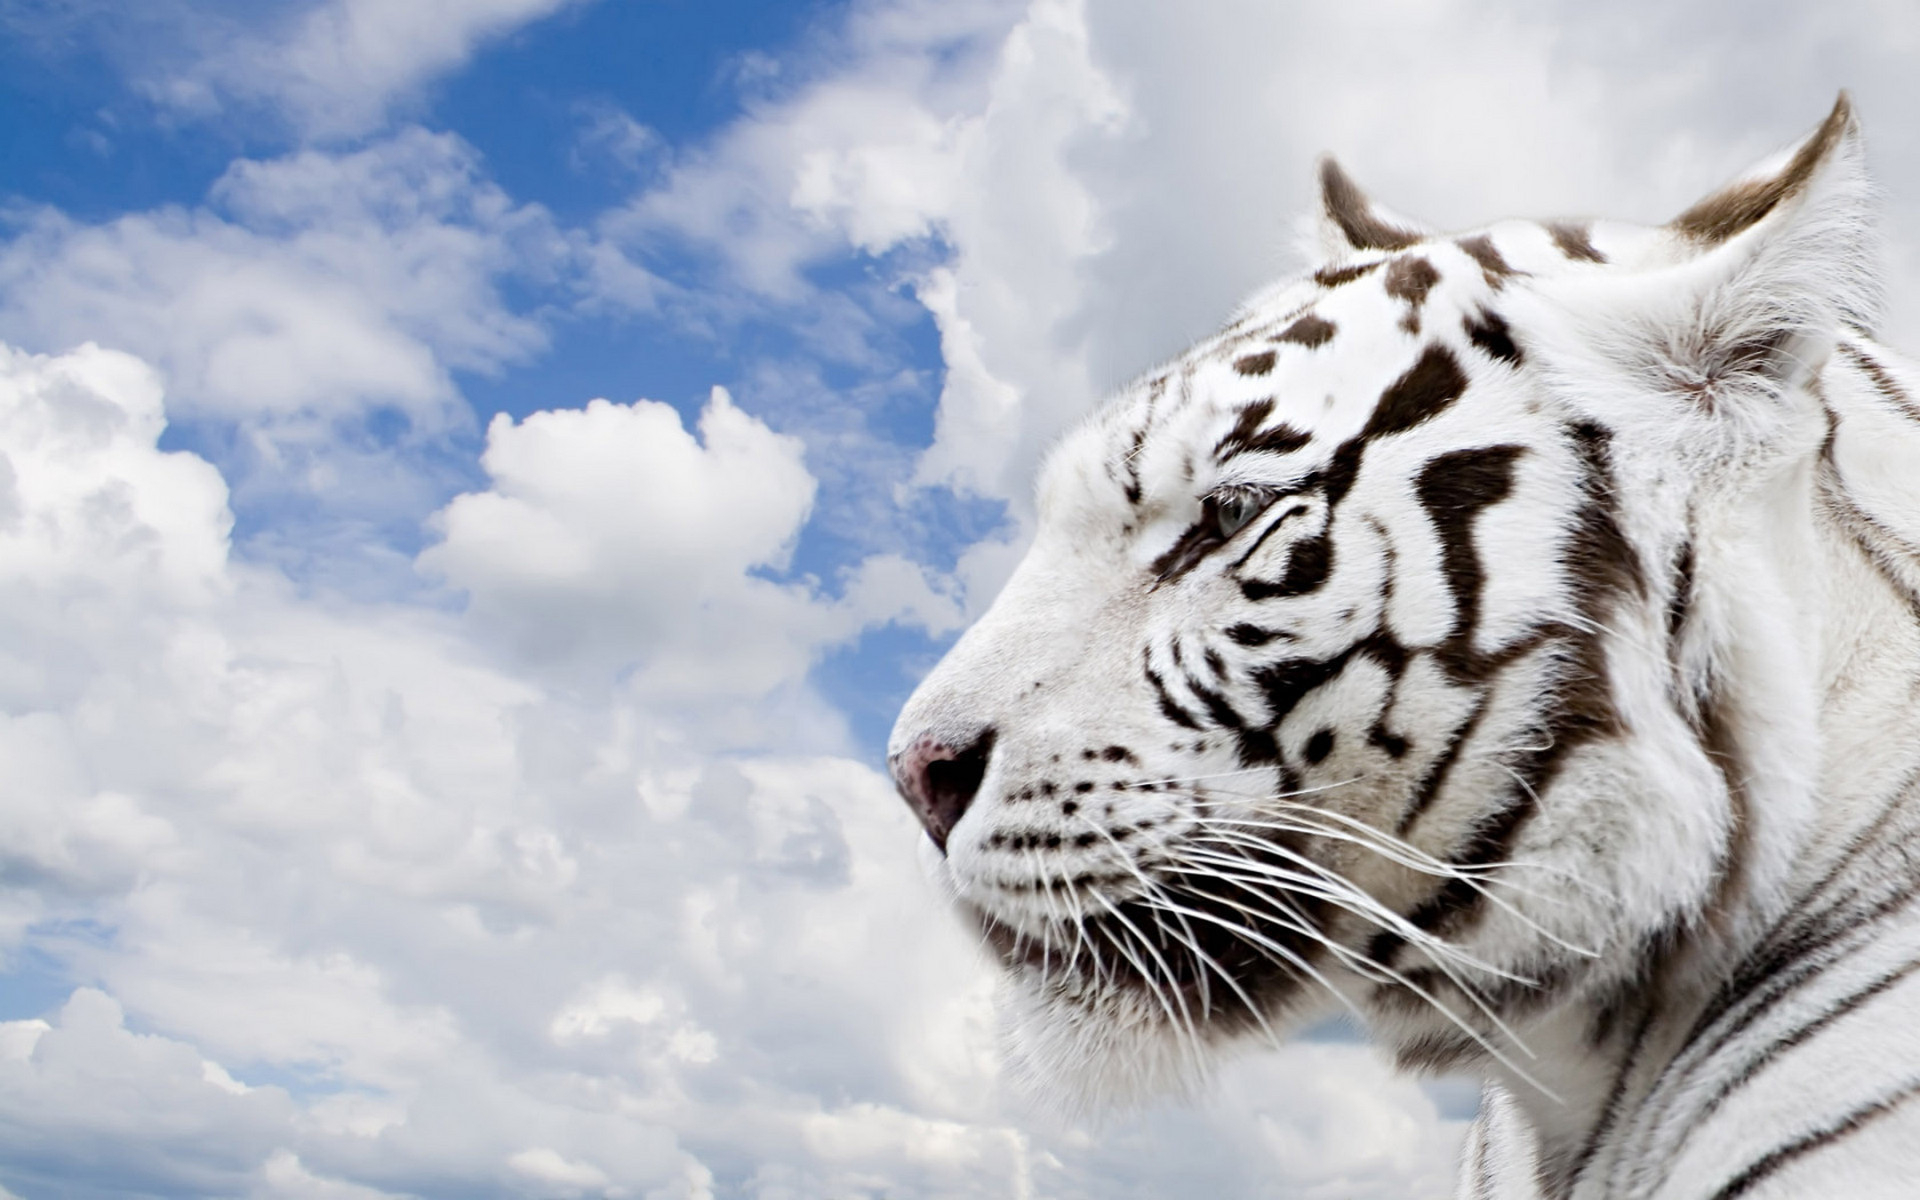 природа животные кот белый nature animals cat white  № 102832 загрузить